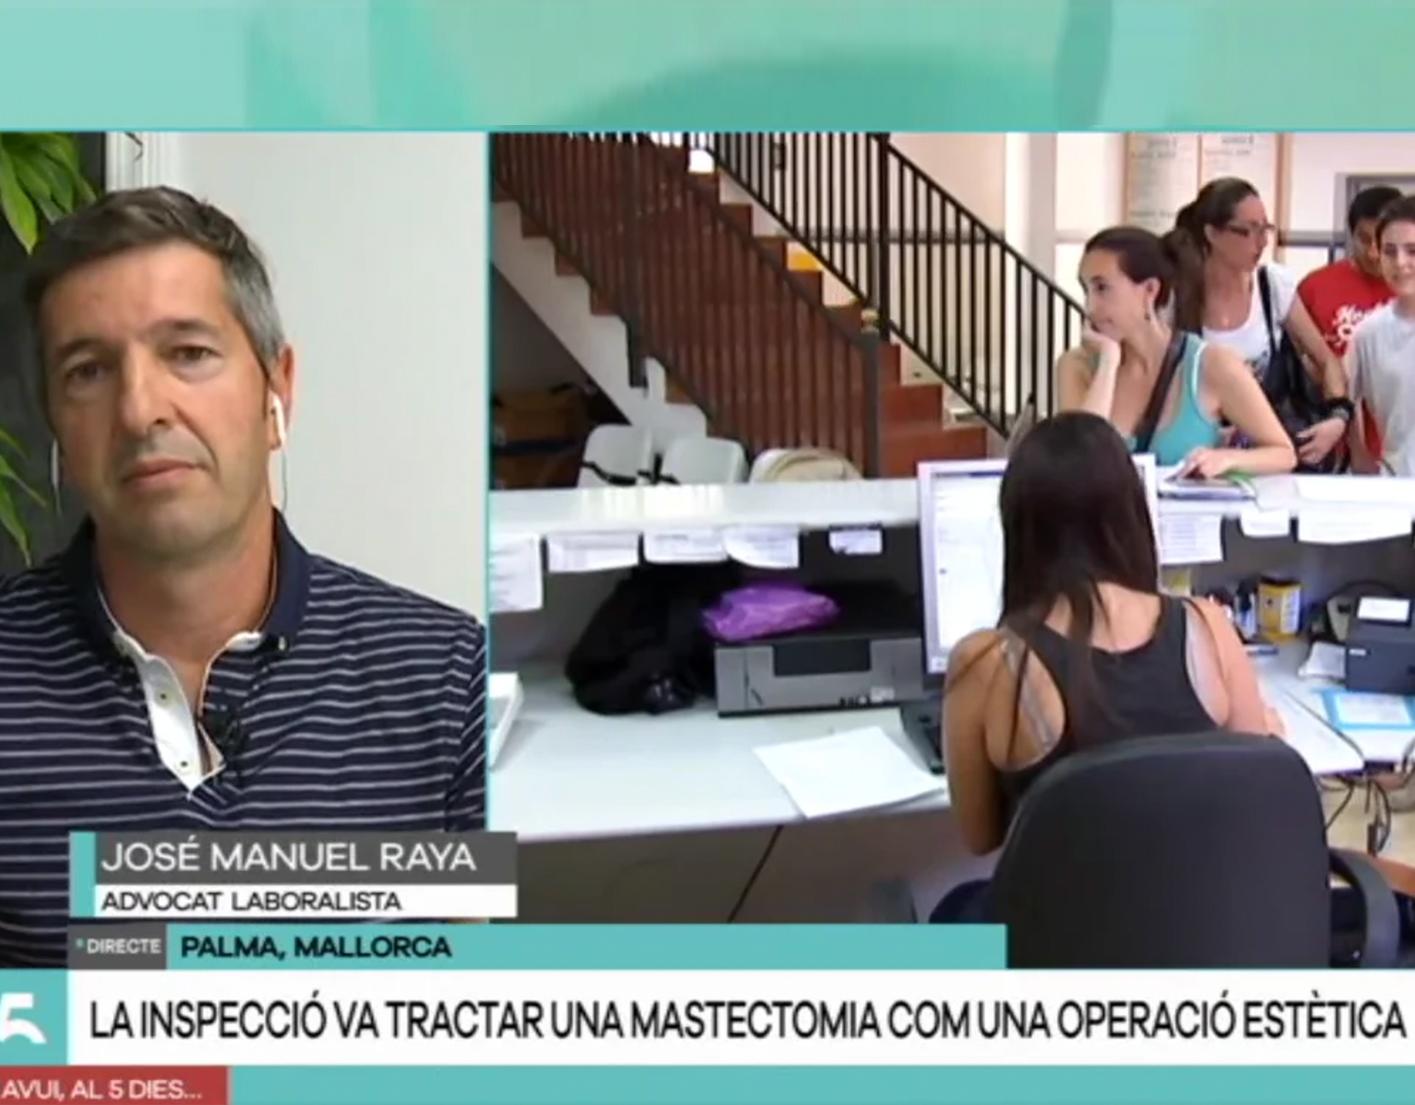 José Manuel Raya analiza en IB3 la noticia sobre la inspección del IB Salut que trató una mastectomía como una operación estética